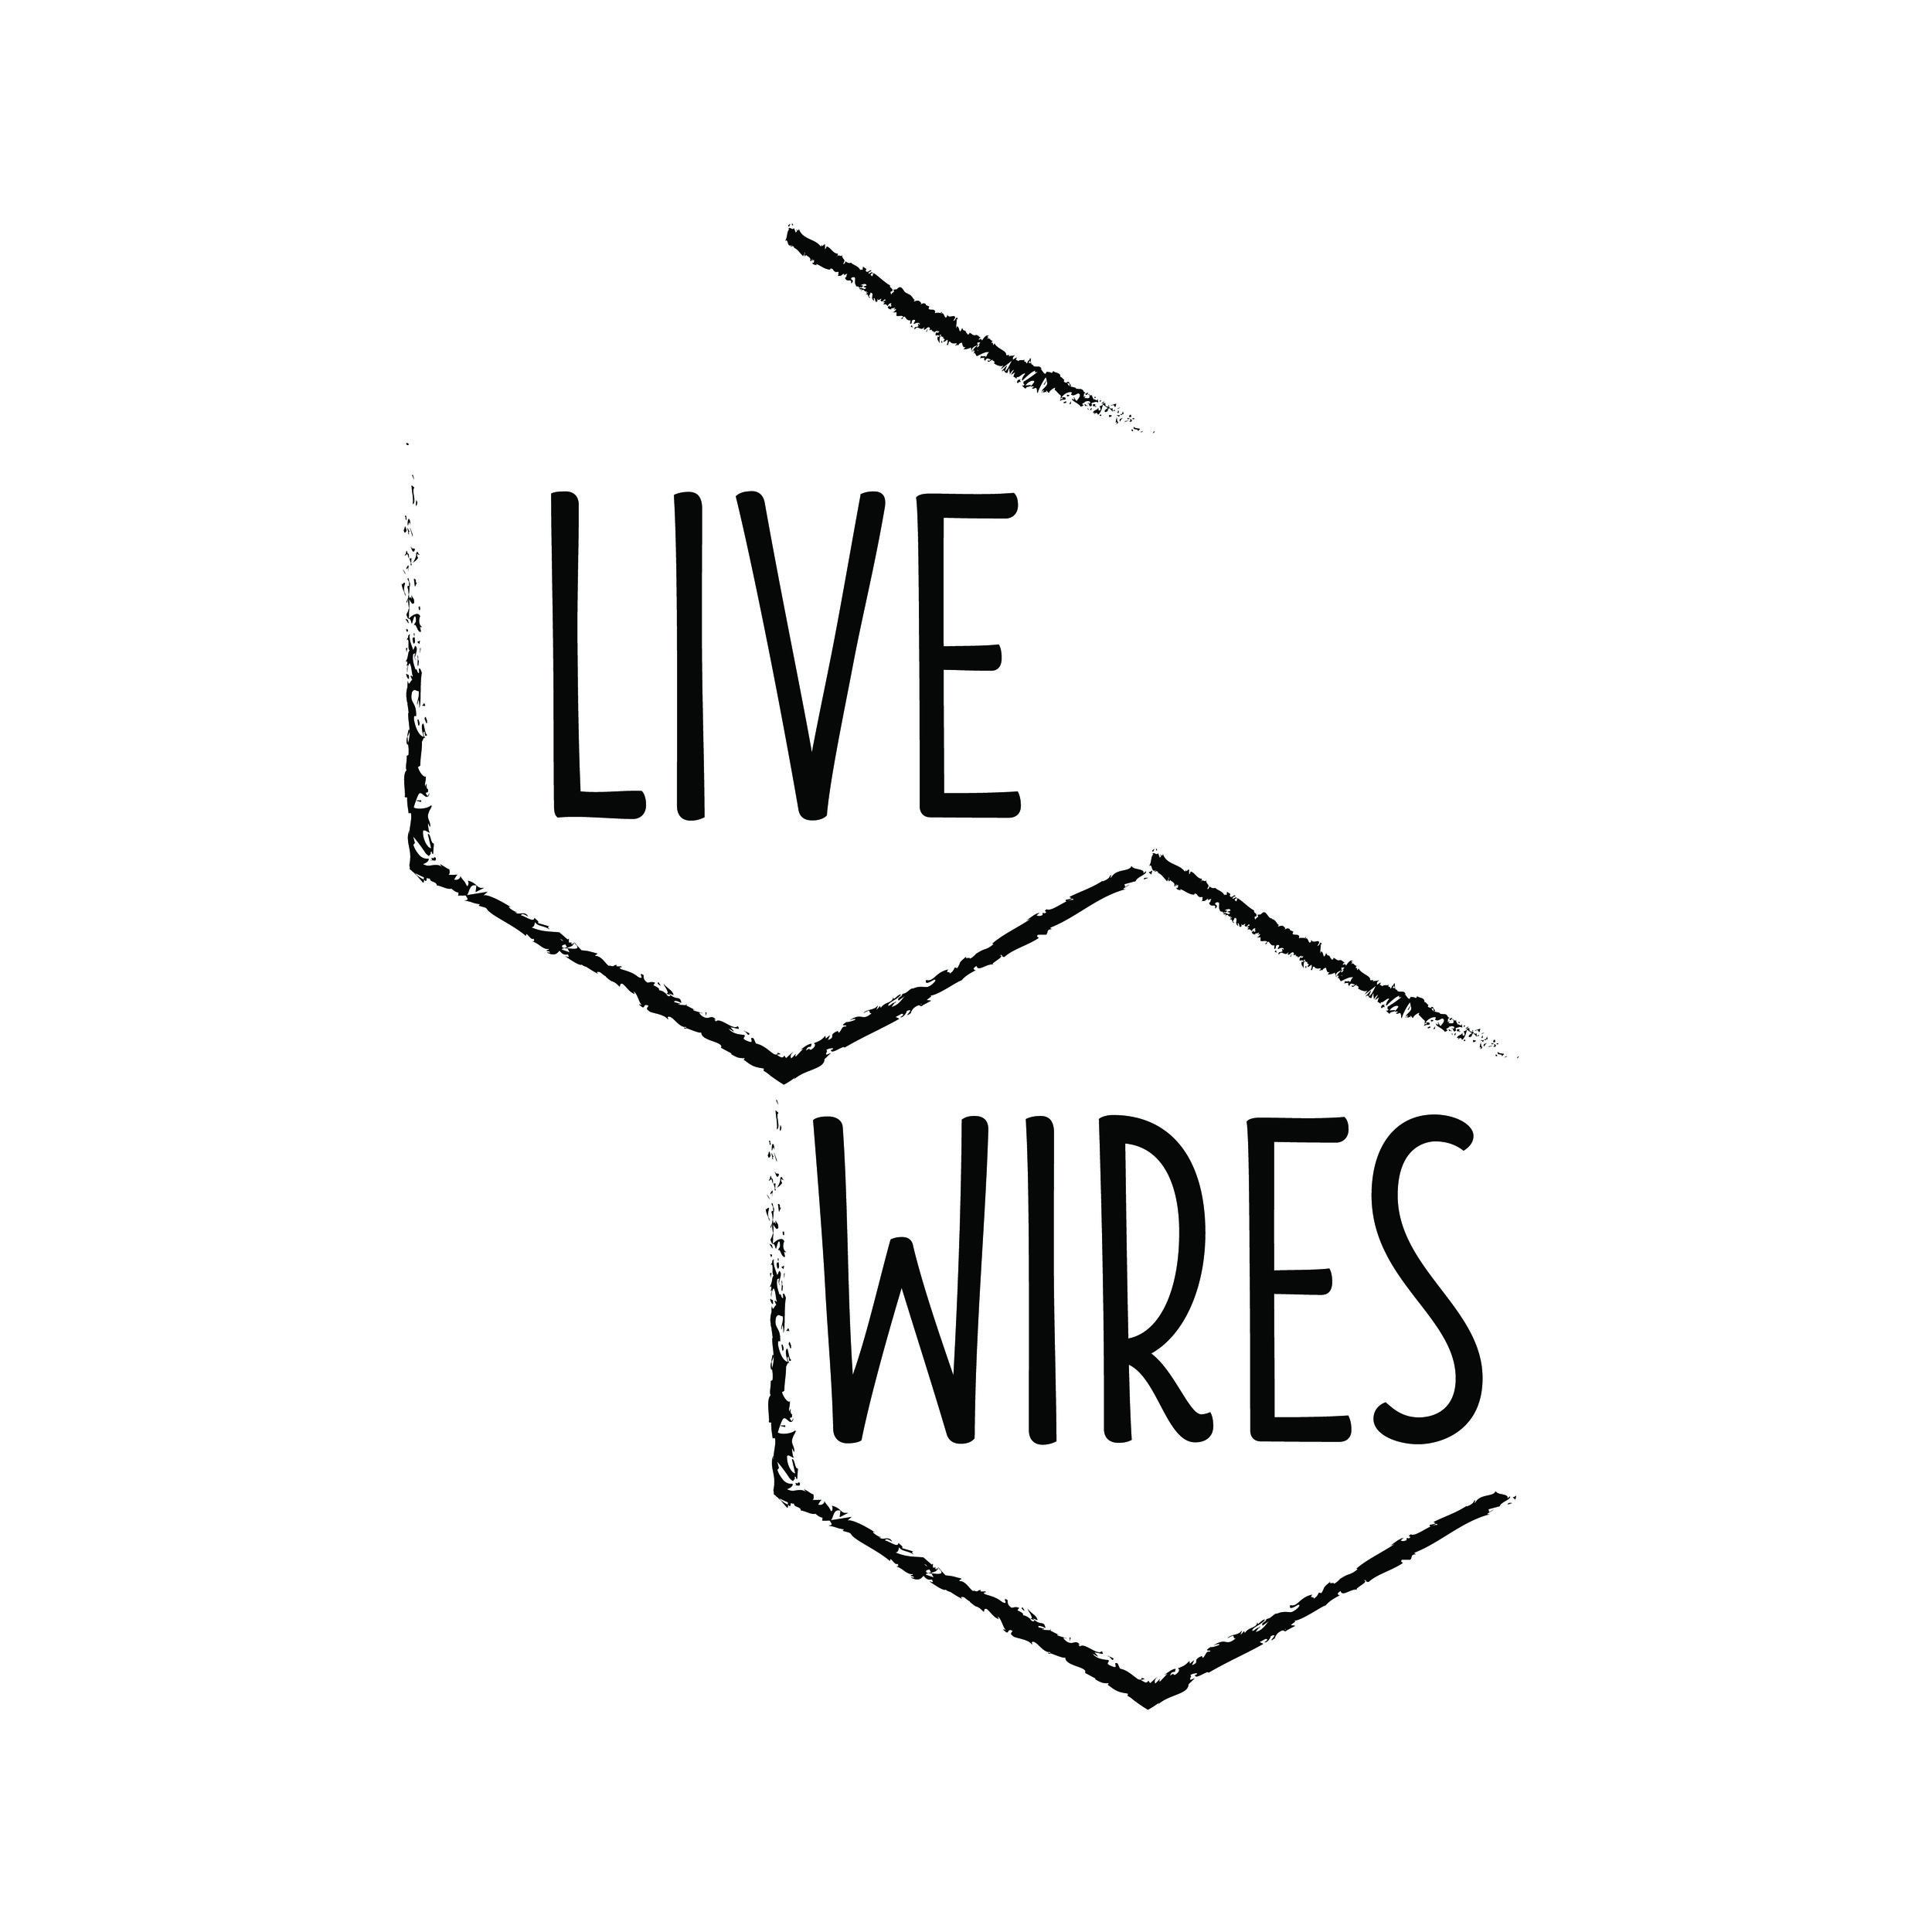 LiveWires-01.jpg